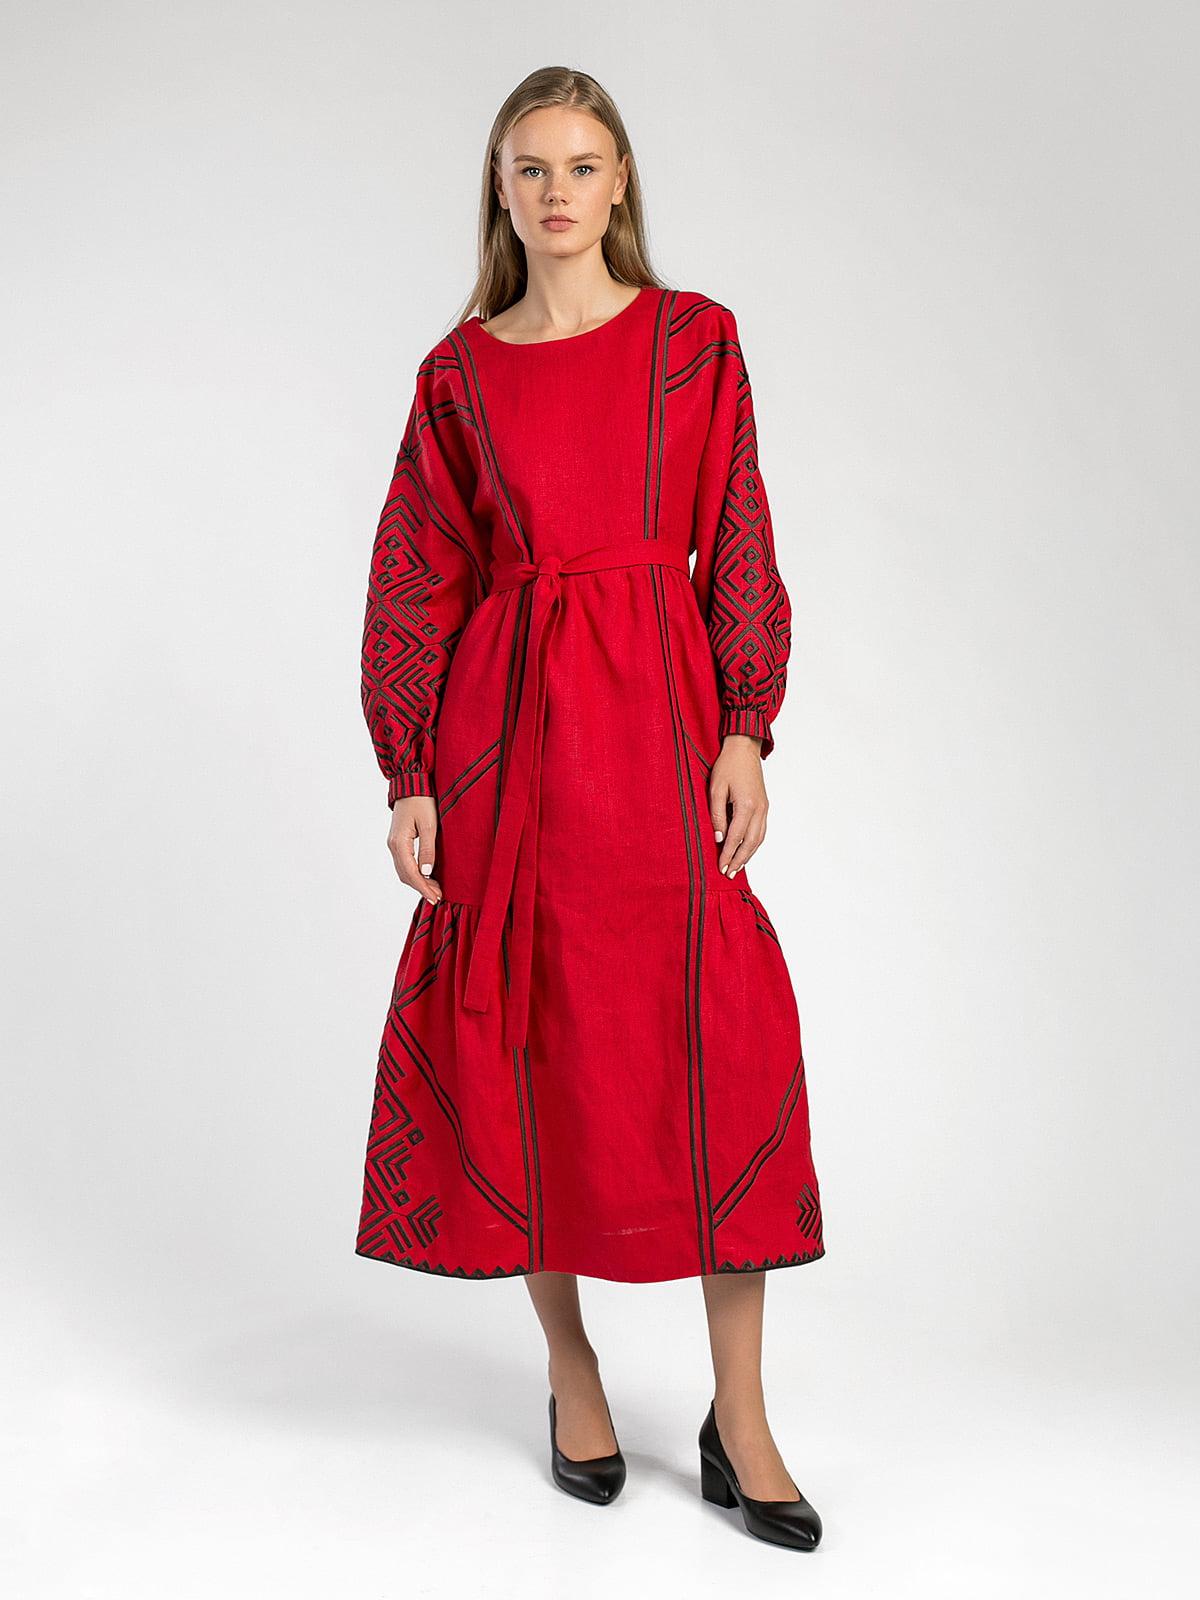 04706a6f9b0 Красное льняное платье с геометрической вышивкой Akai – купить в ...